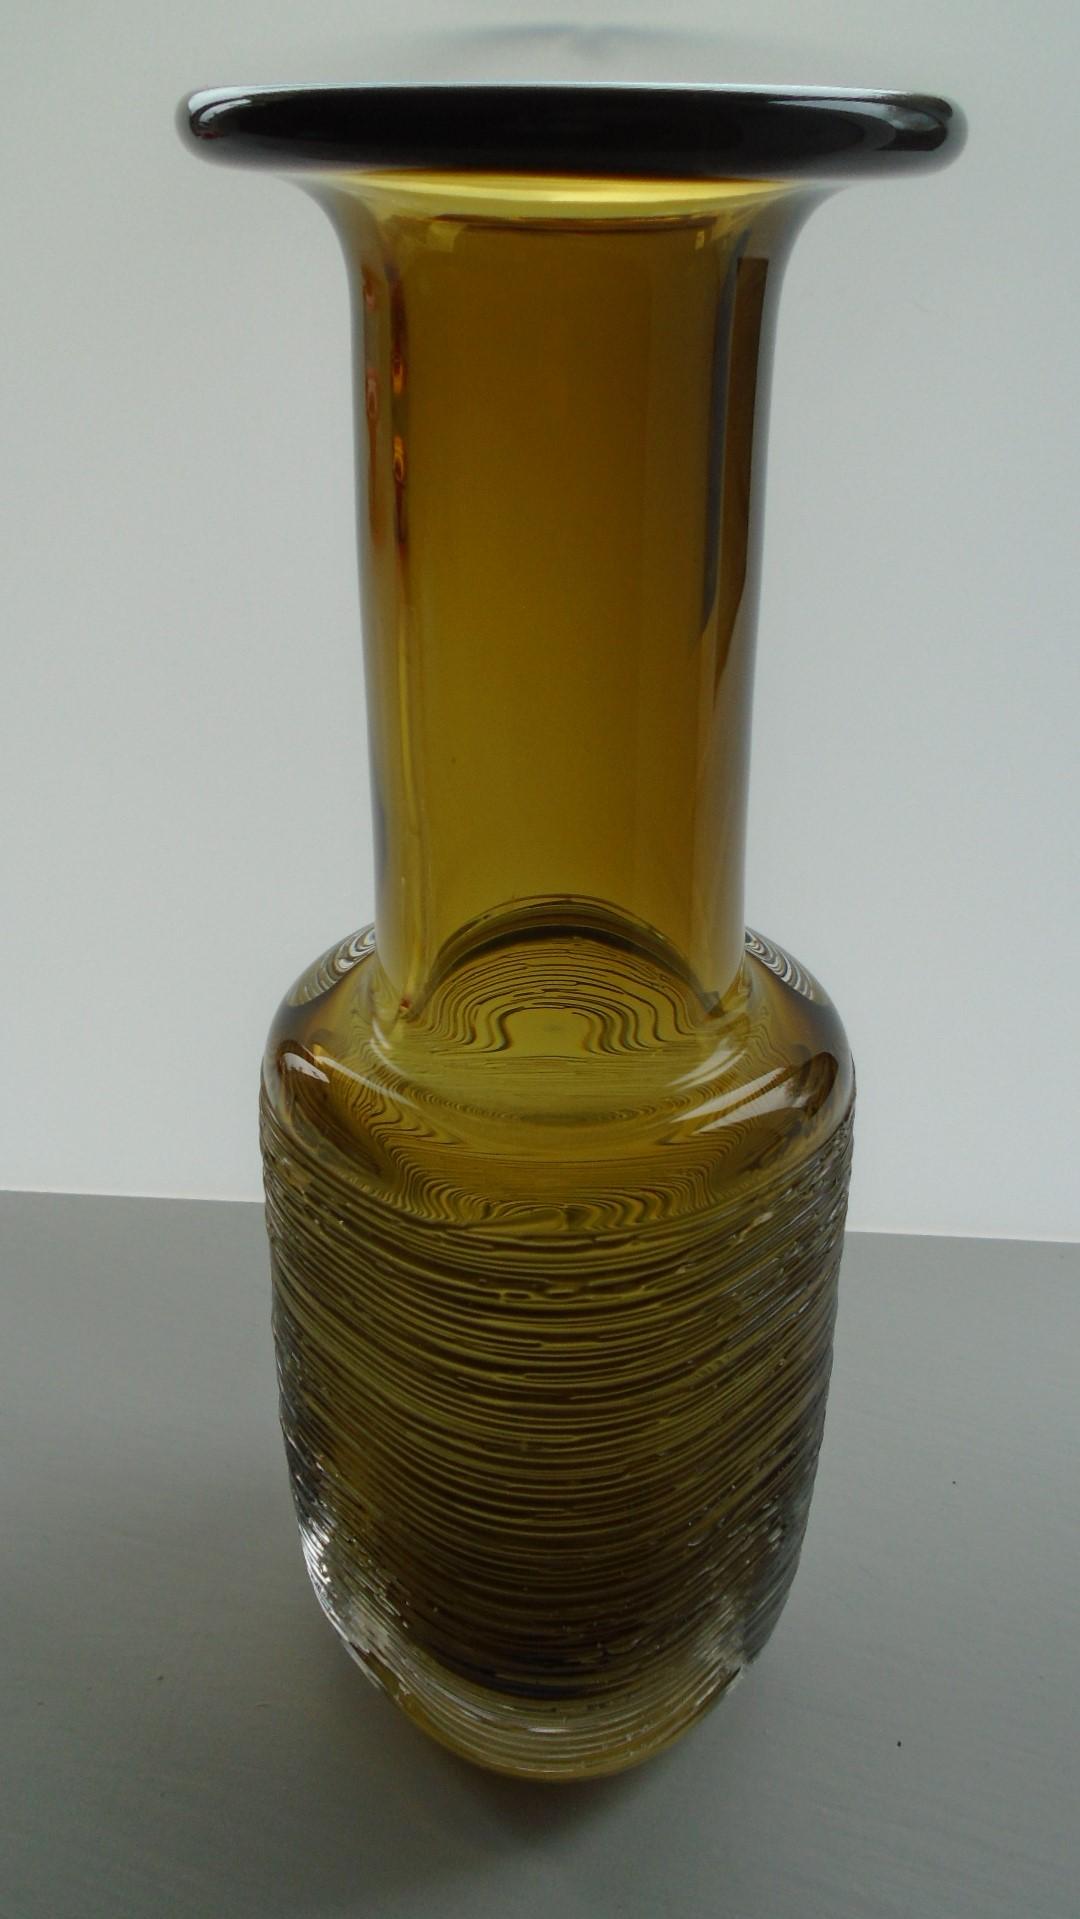 Mid Century Swedish 'Spun' Art Glass Vase by Bengt Edenfalk for Skruf